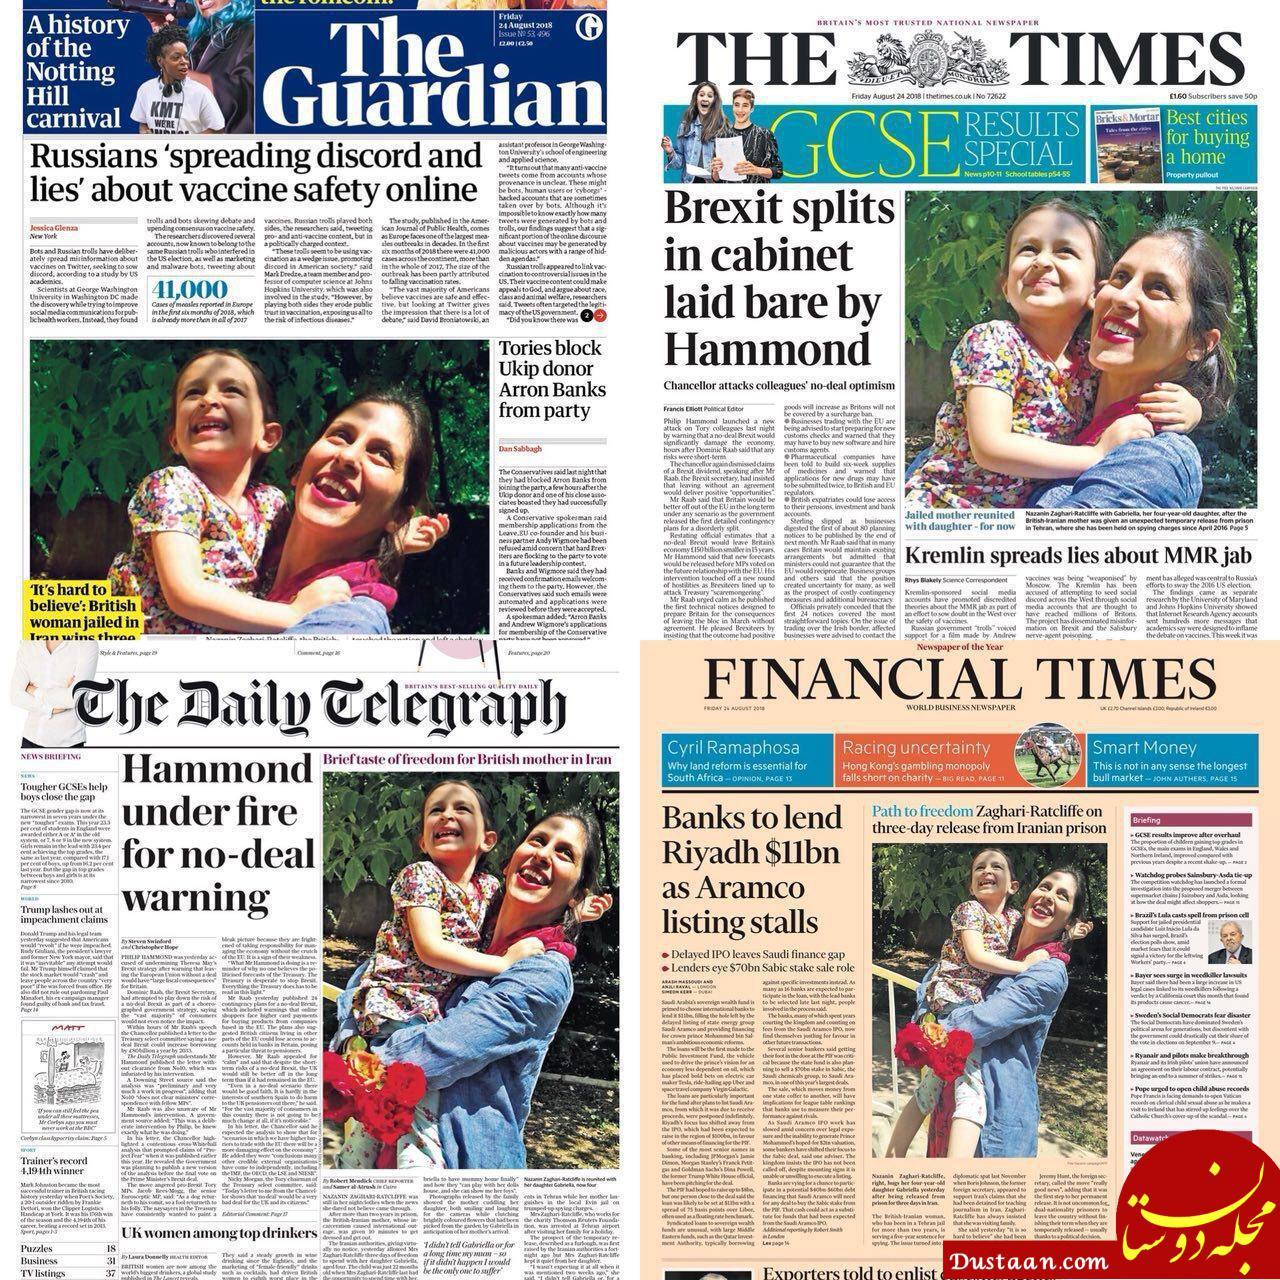 صفحه اول روزنامه های امروز انگلستان پس از مرخصی نازنین زاغری